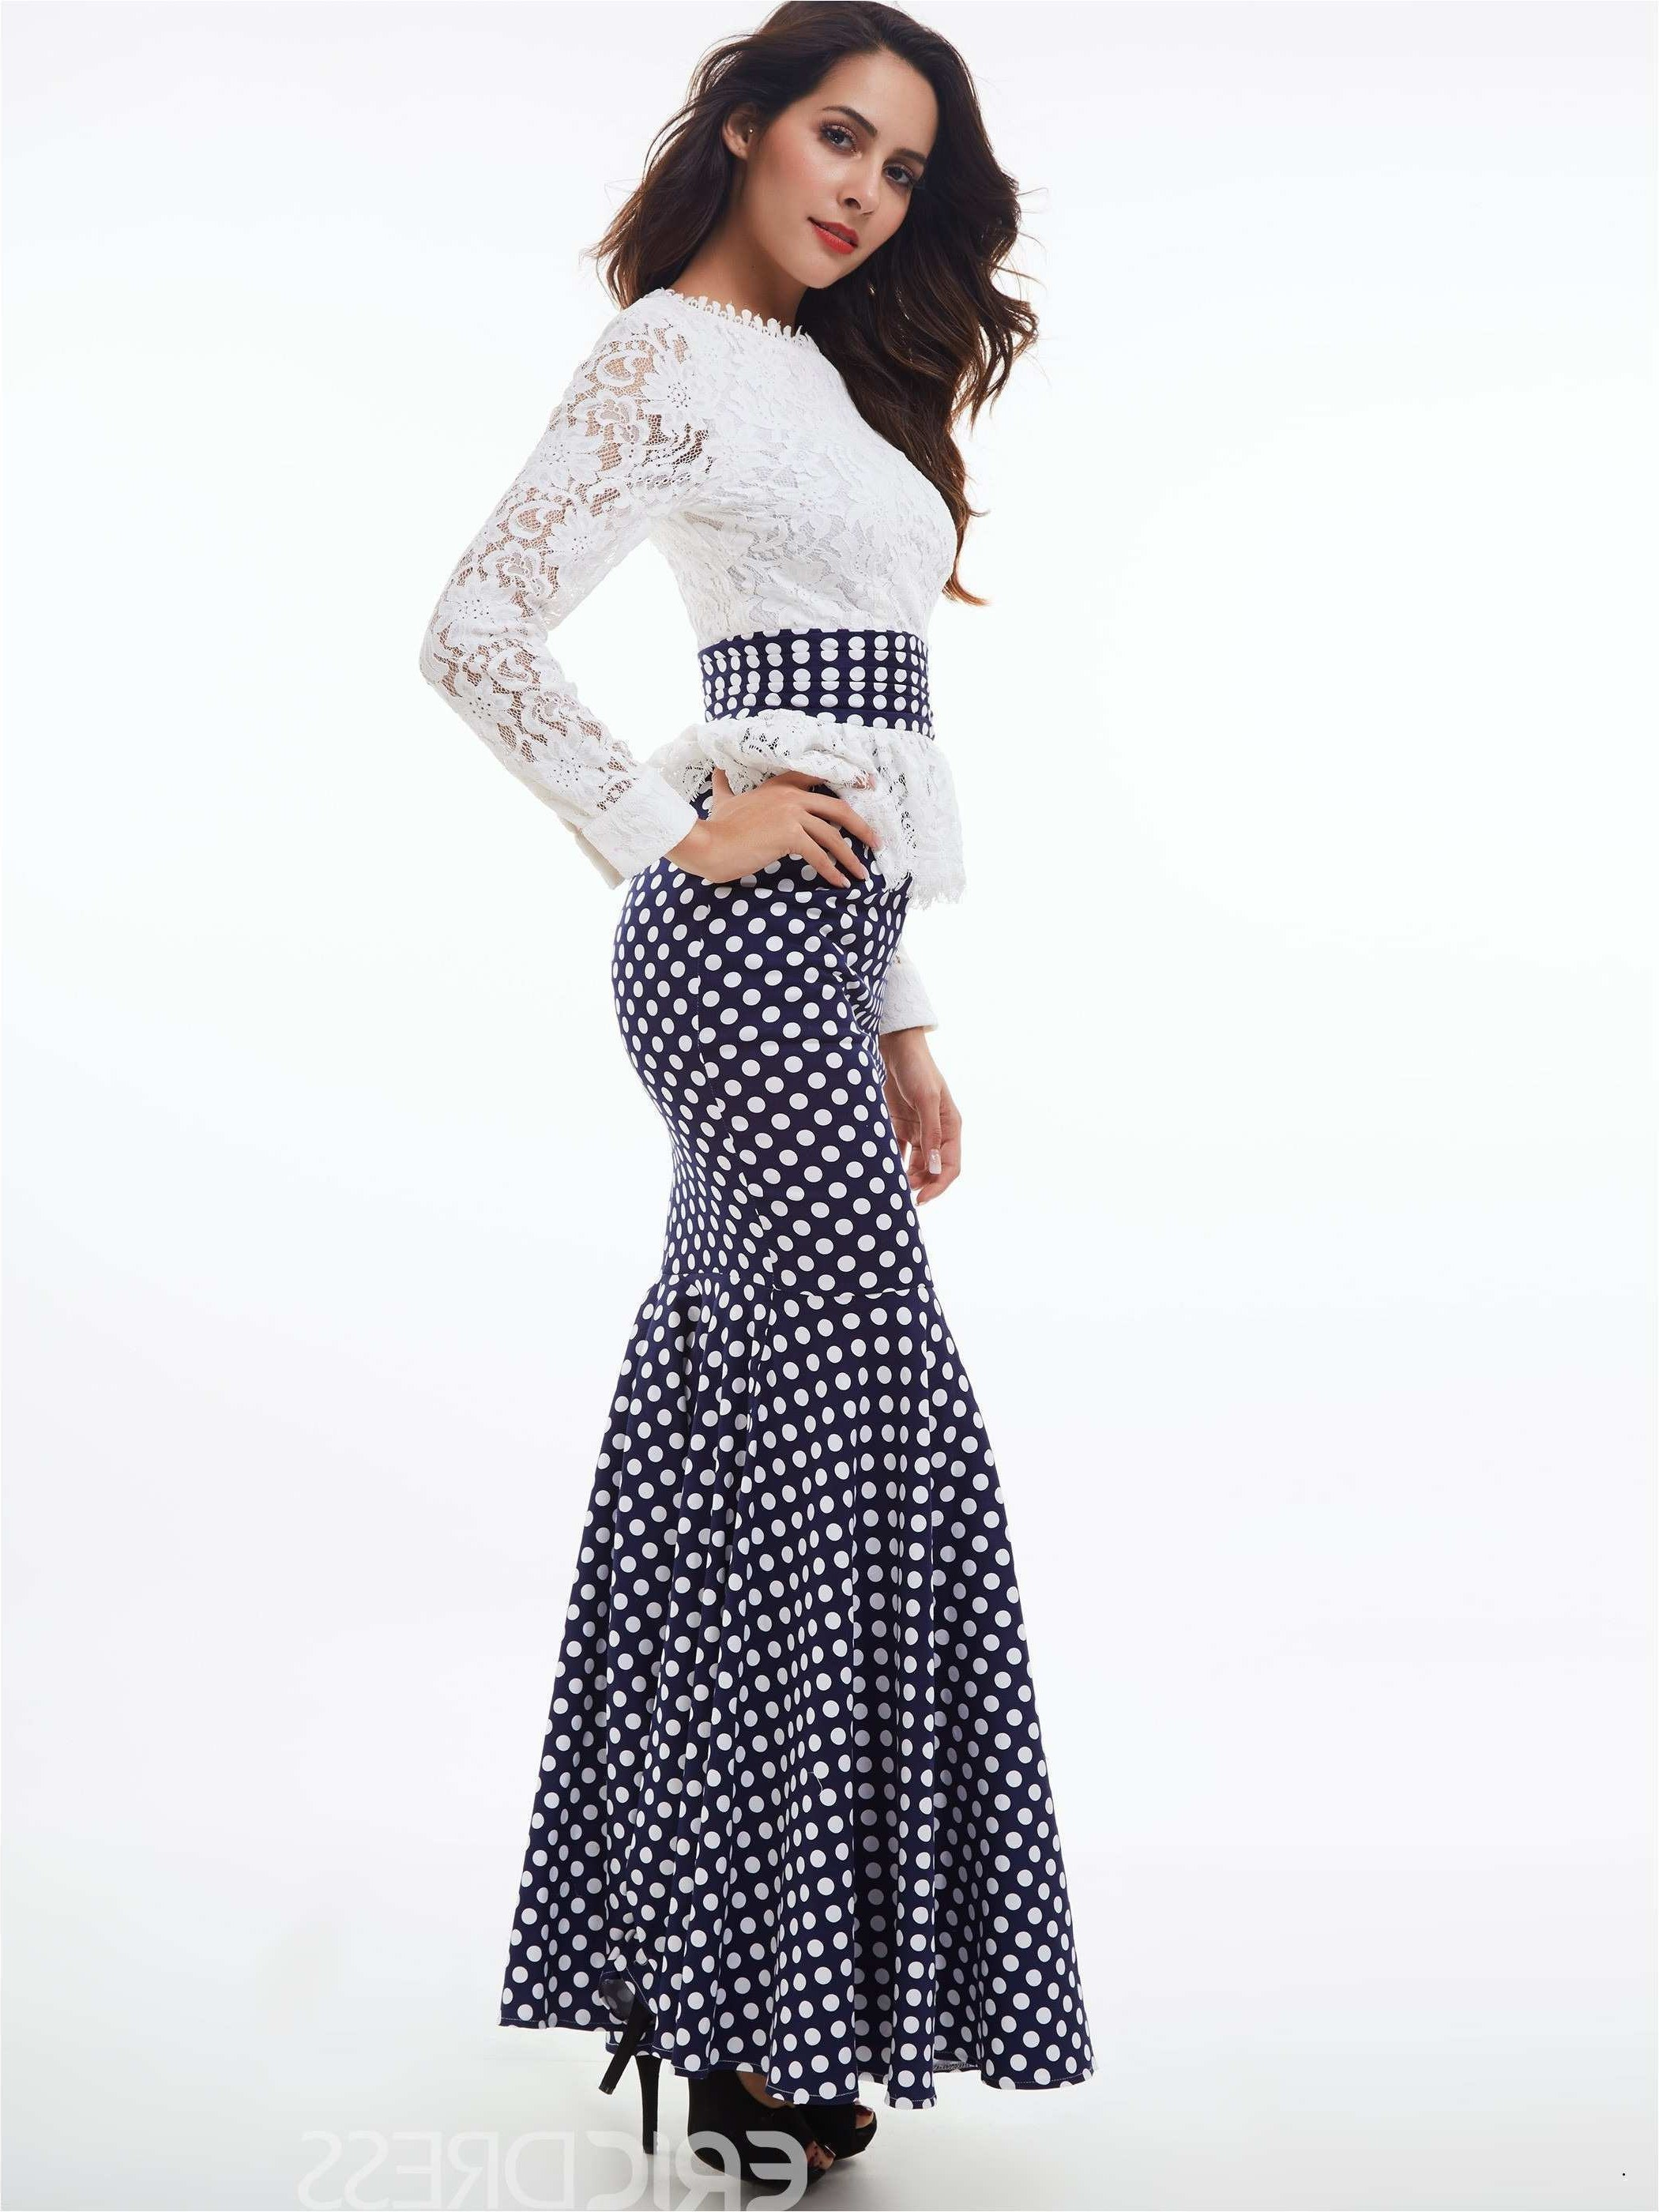 Design Desain Baju Pengantin Muslimah Etdg Ecehispanic